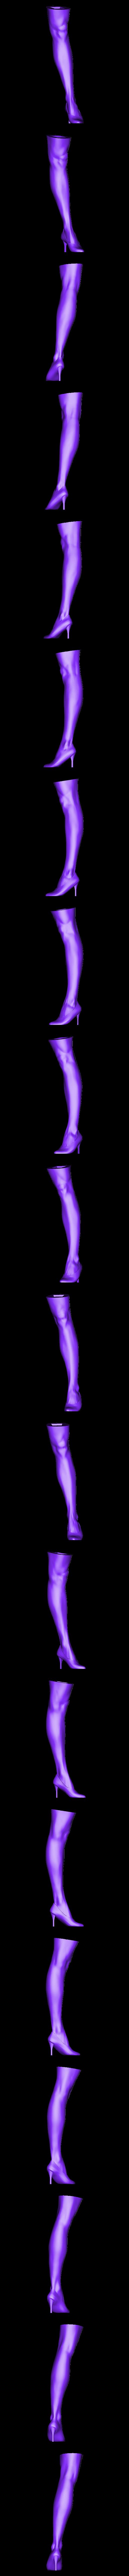 Little Caprice 2 - Left Leg.stl Télécharger fichier STL Little Caprice Pose 2 • Objet imprimable en 3D, BODY3D